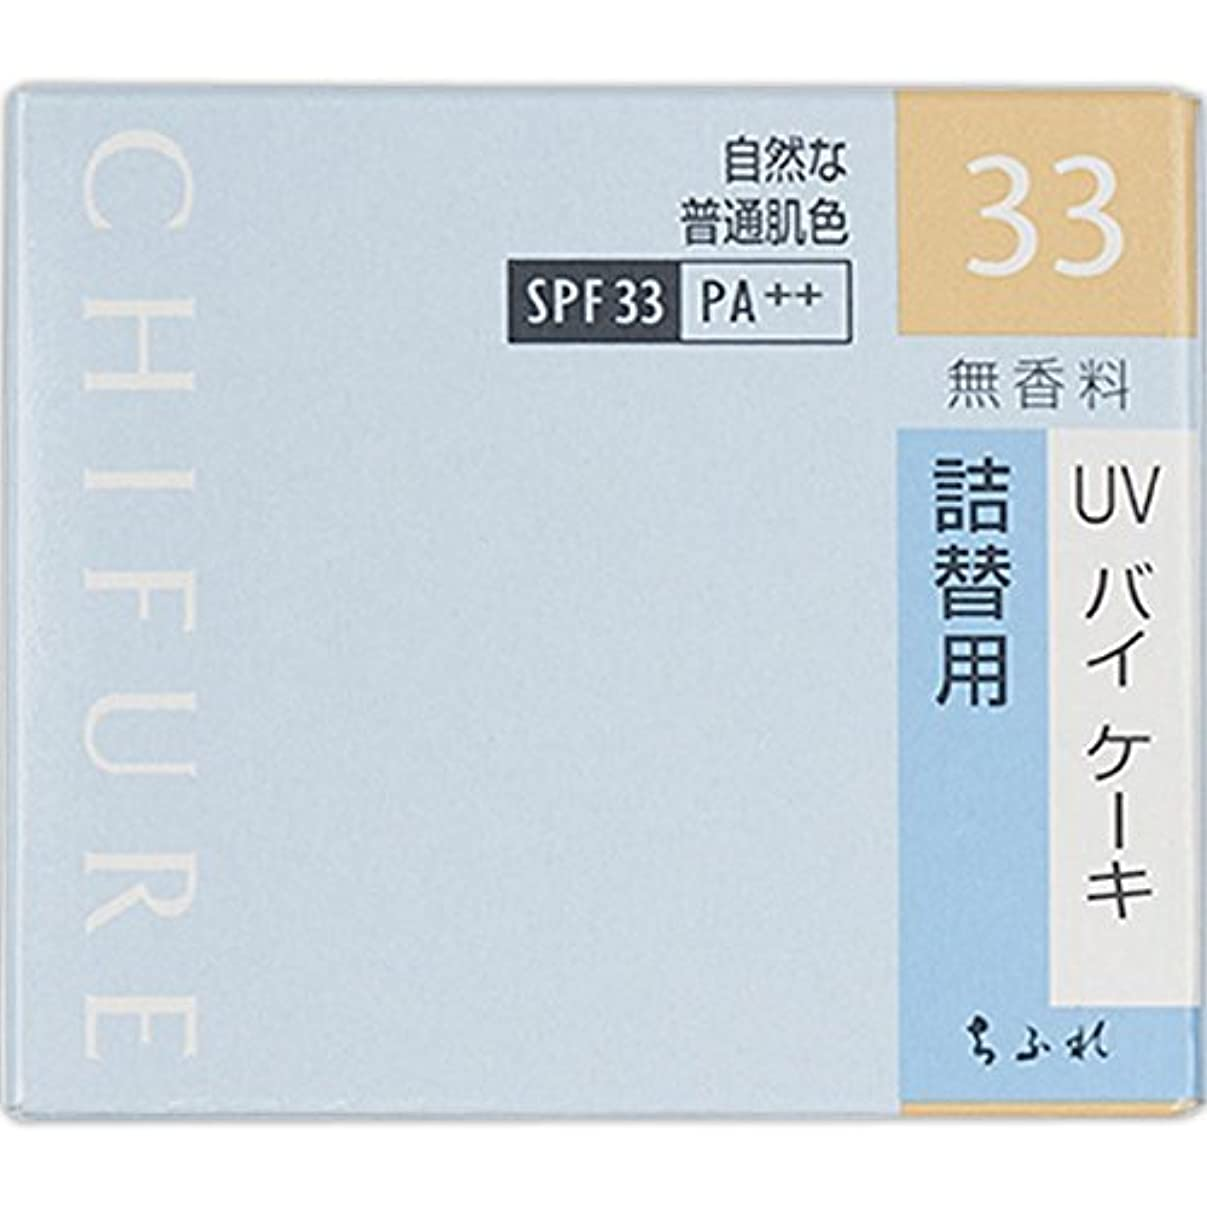 保険札入れ野球ちふれ化粧品 UV バイ ケーキ 詰替用 33 自然な普通肌色 14g